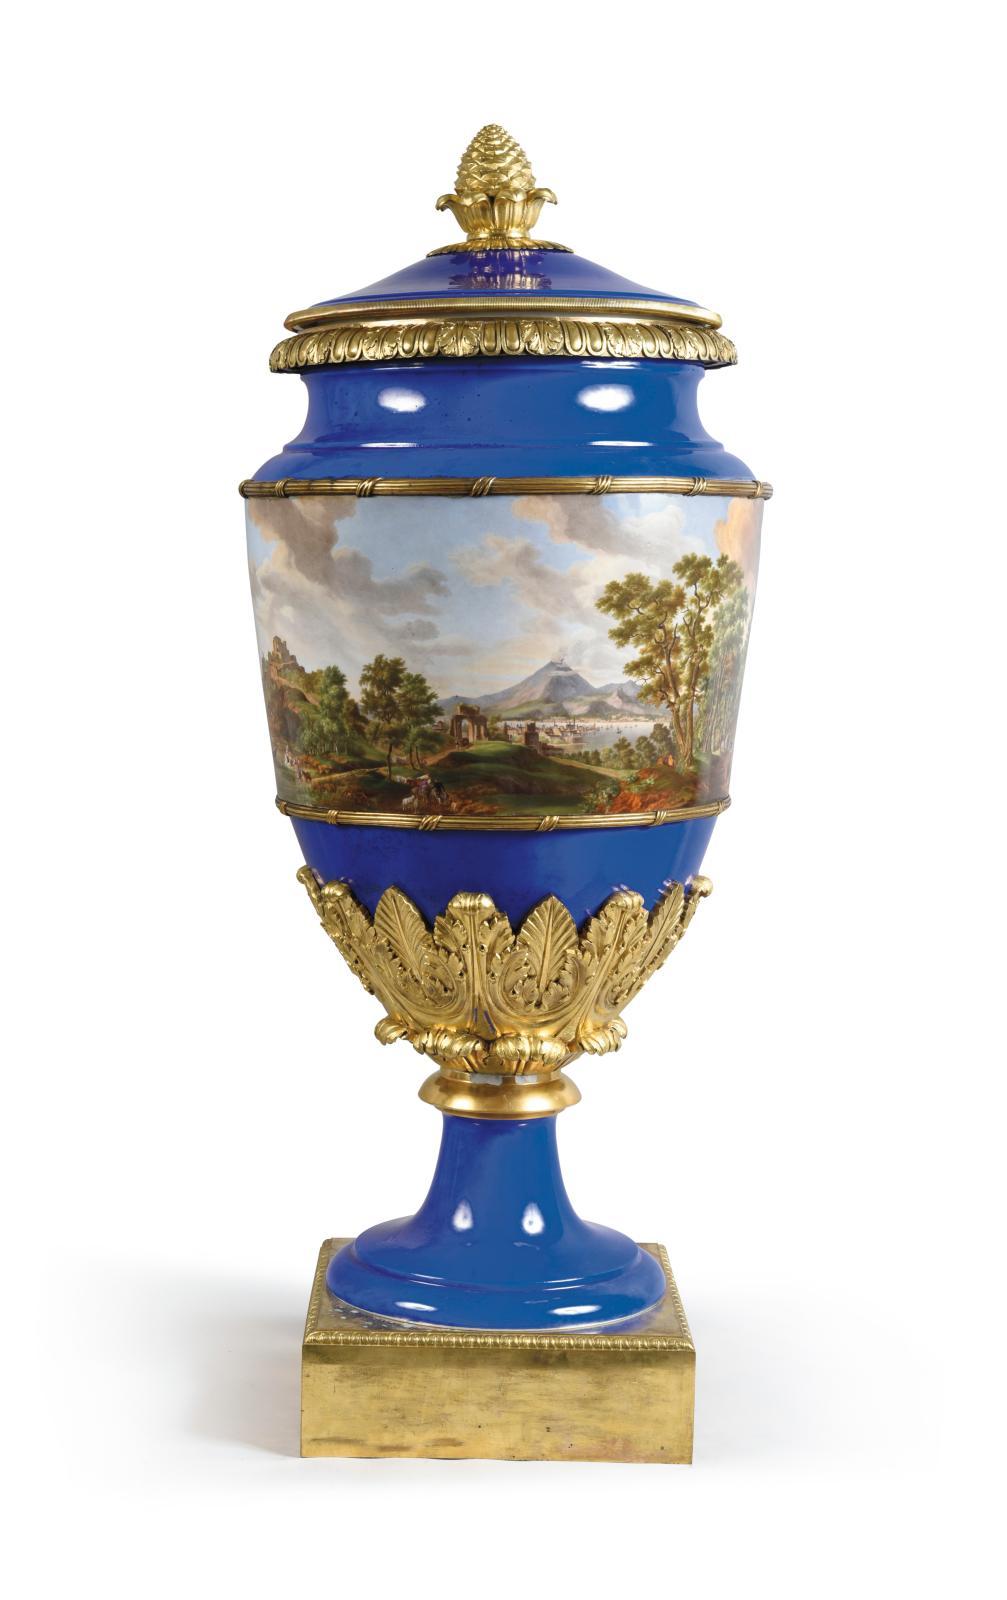 La Campanie est bien belle vue de la Russie! L'artiste qui a peint ce grand vase(h. 110cm) en porcelaine de Saint-Pétersbourg a reprodui